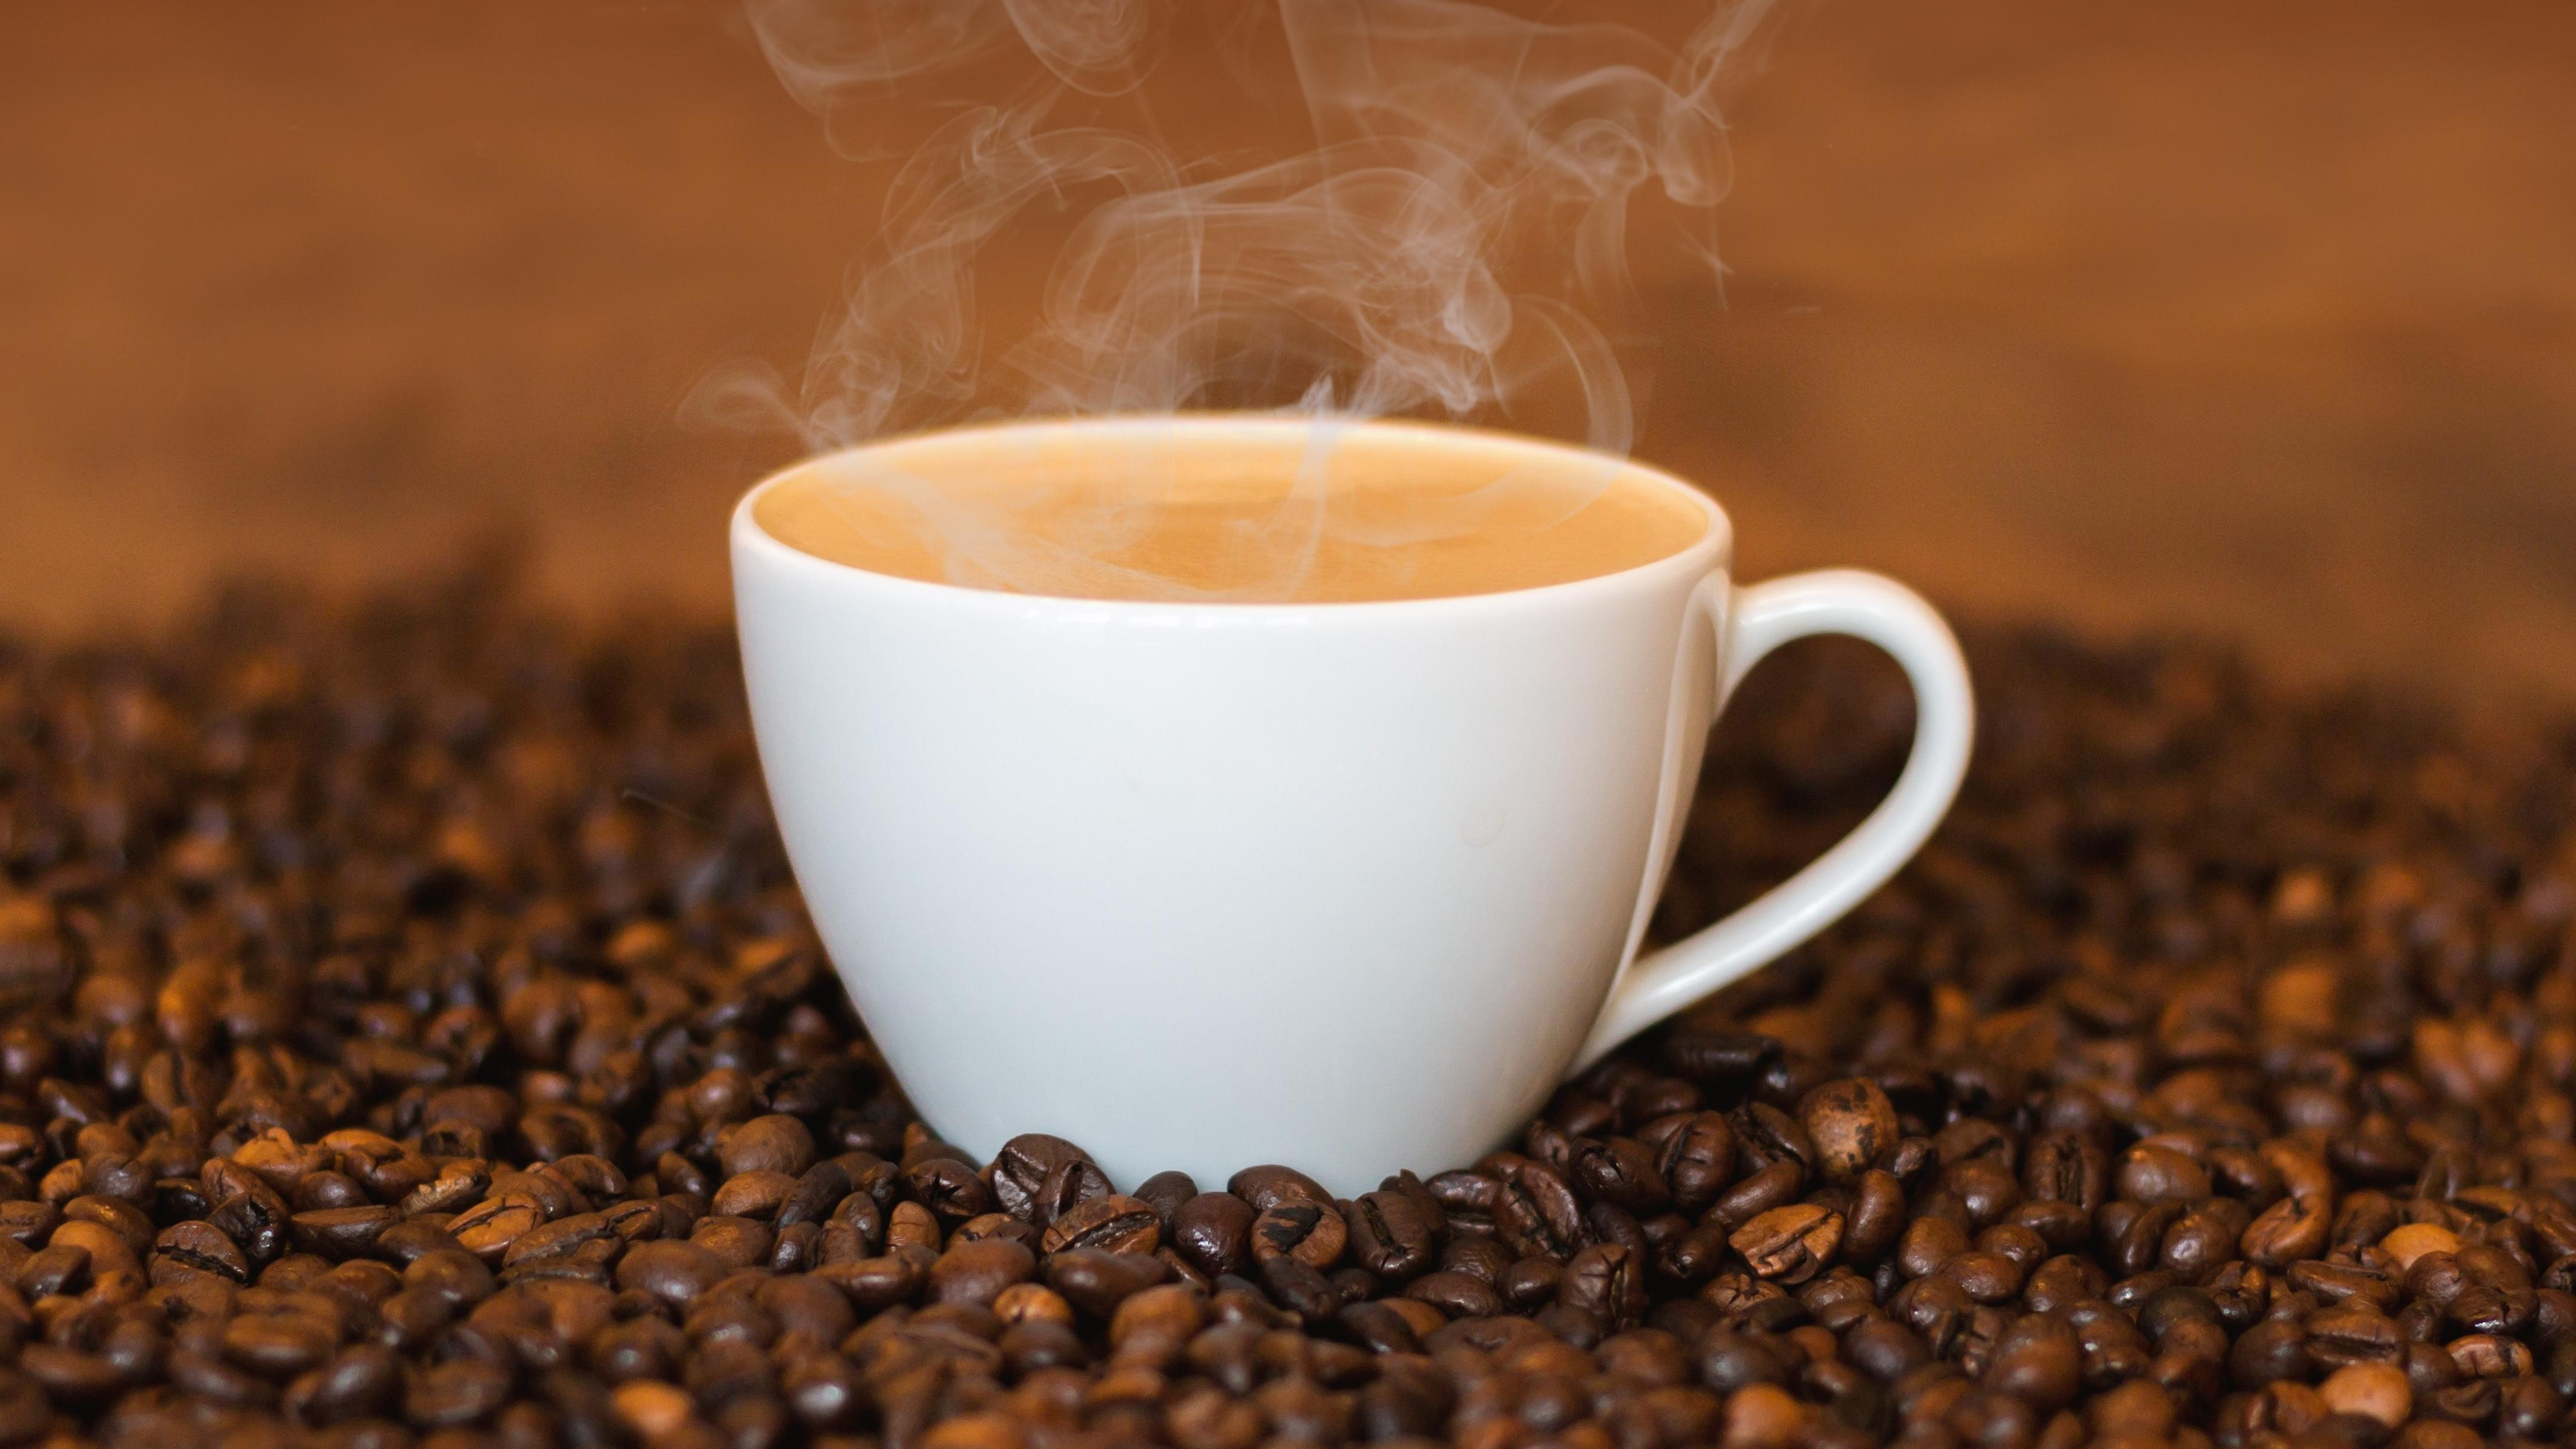 Morgens Kaffee trinken – ist das wirklich gesund?